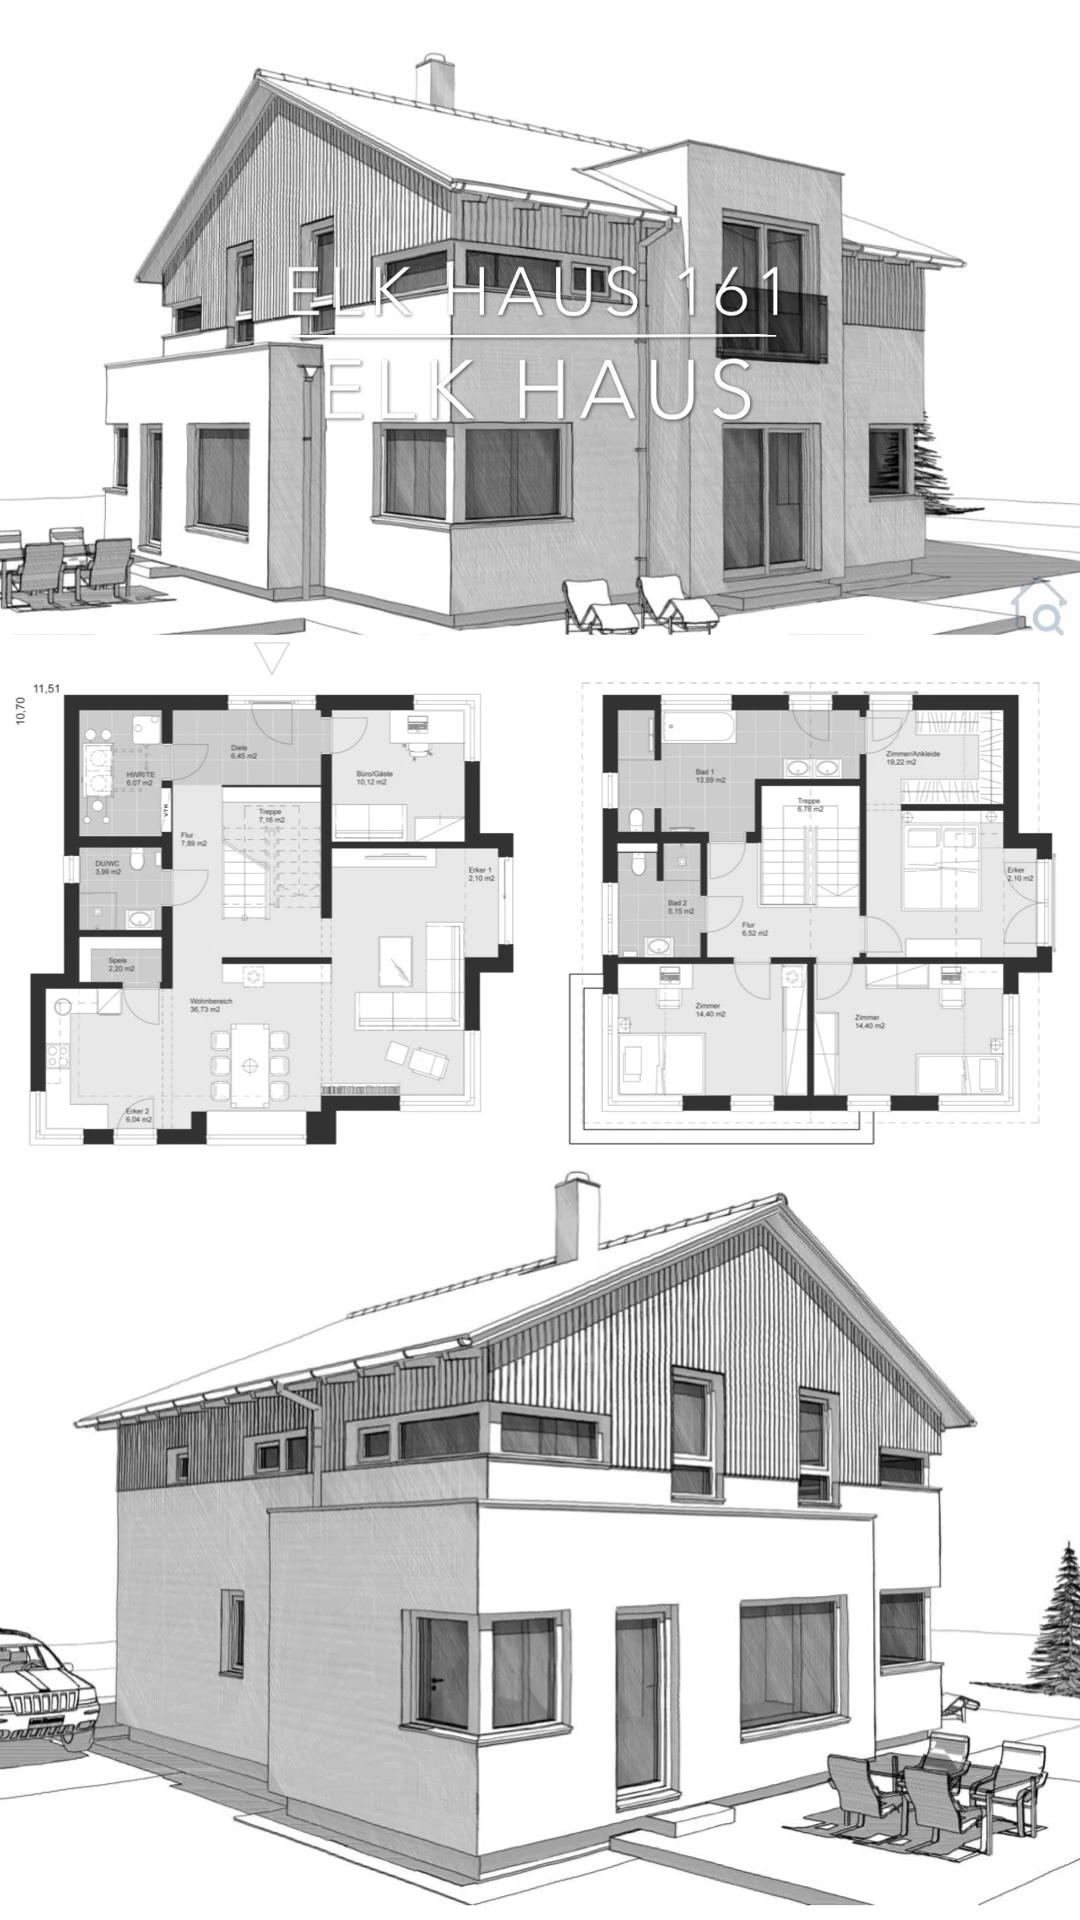 Modernes Einfamilienhaus mit Holz Putz Fassade & Satteldach Architektur Haus Ideen mit Grundriss